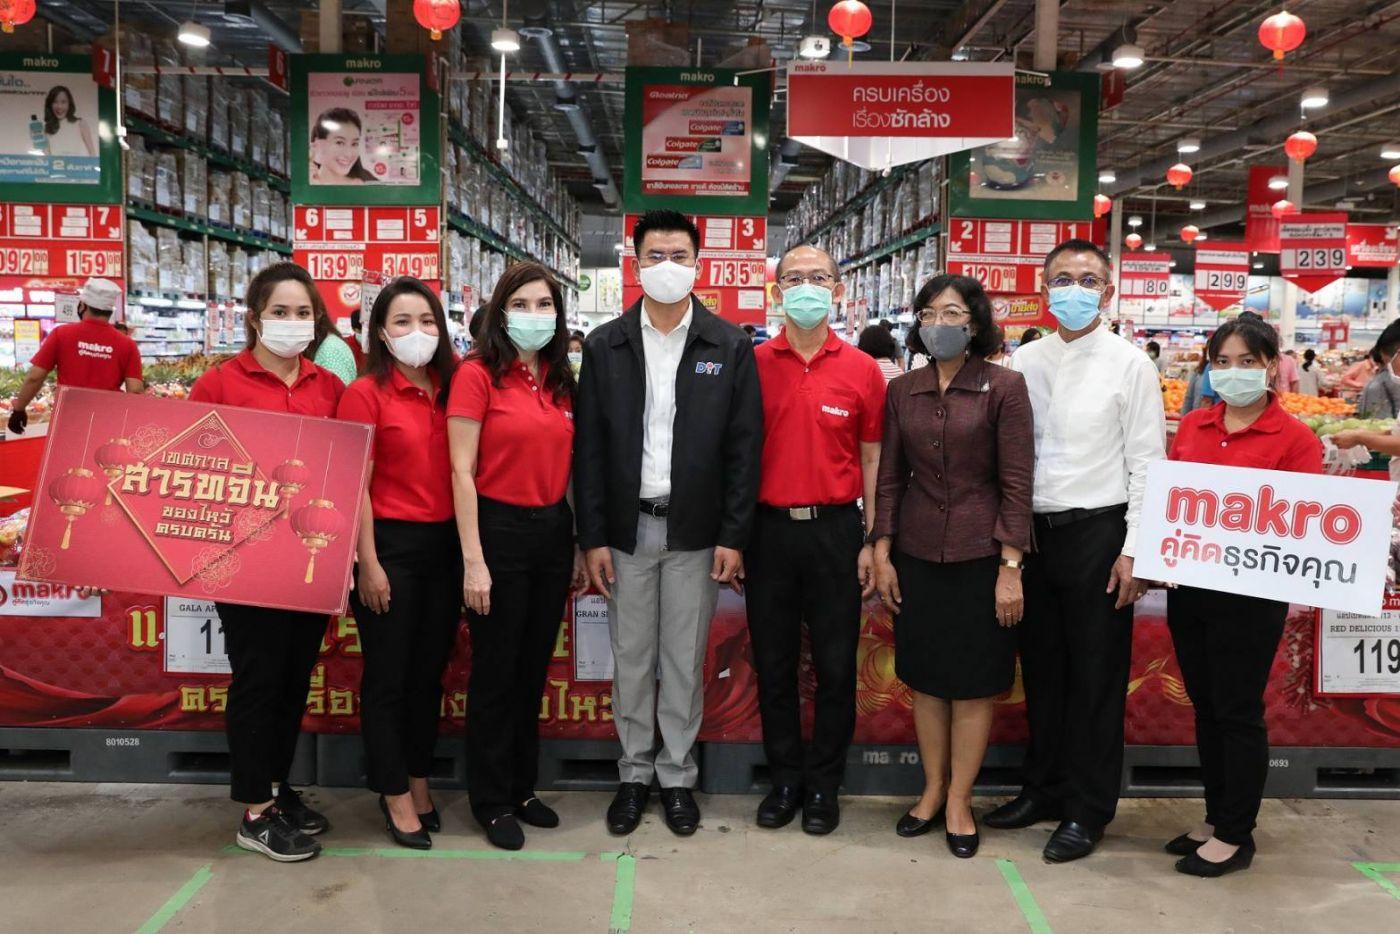 แม็คโคร ลดราคาสินค้าสารทจีน แบ่งเบาภาระค่าครองชีพประชาชน ลดภาระประชาชนช่วงสารทจีน